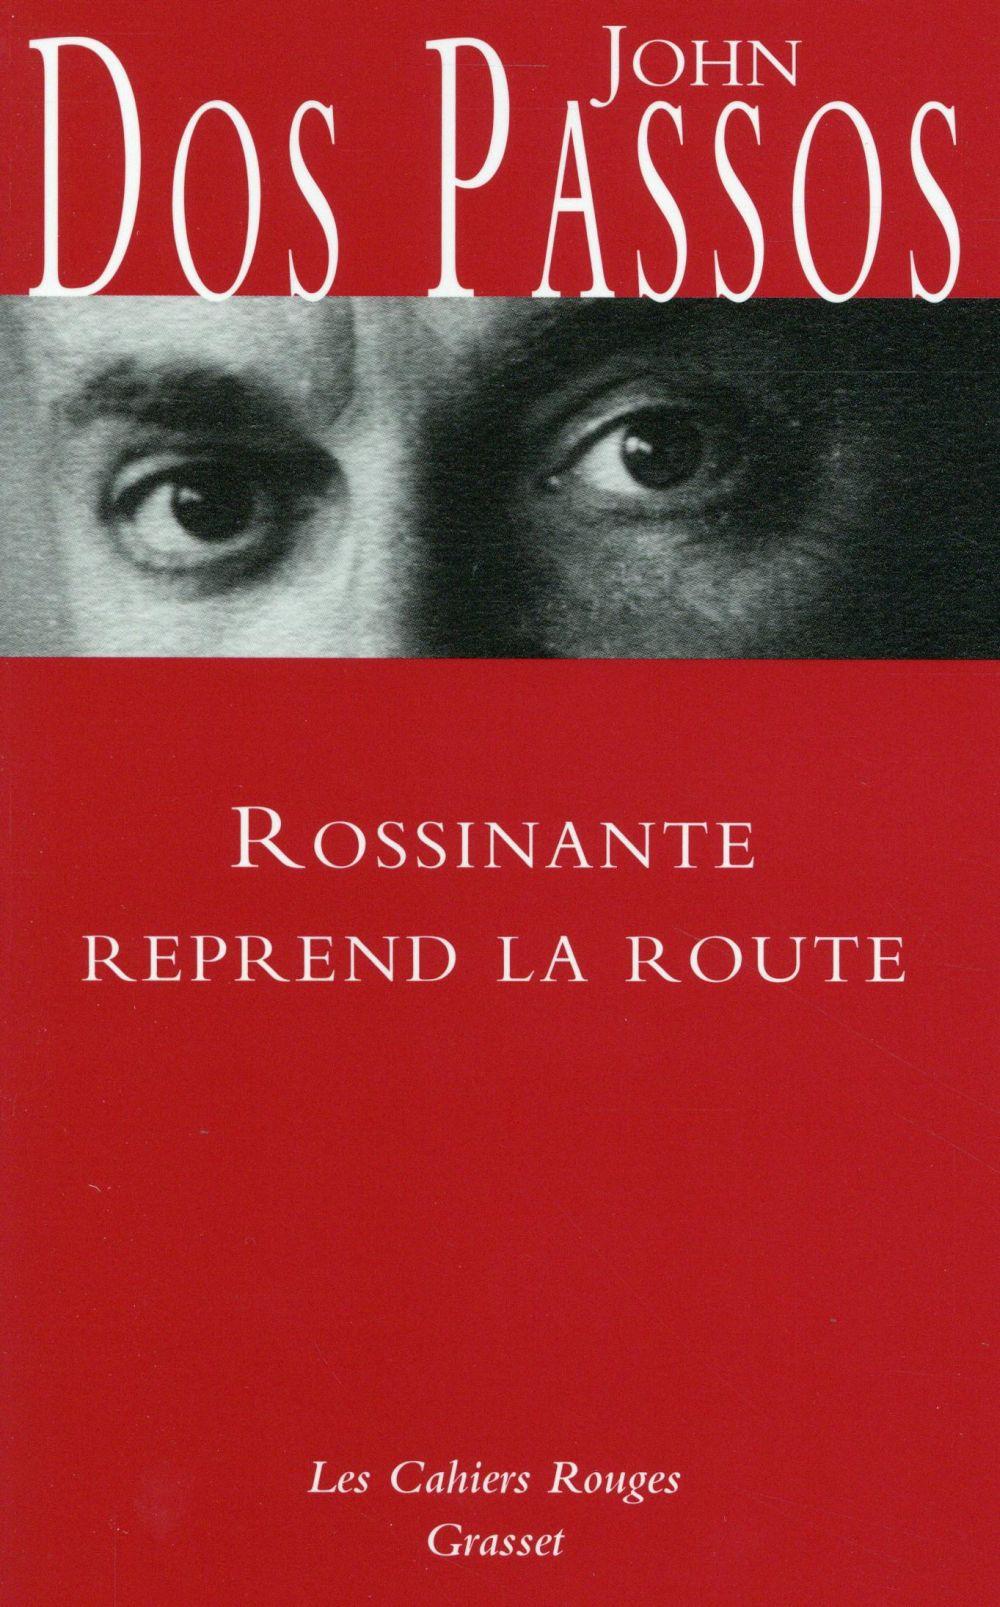 ROSSINANTE REPREND LA ROUTE